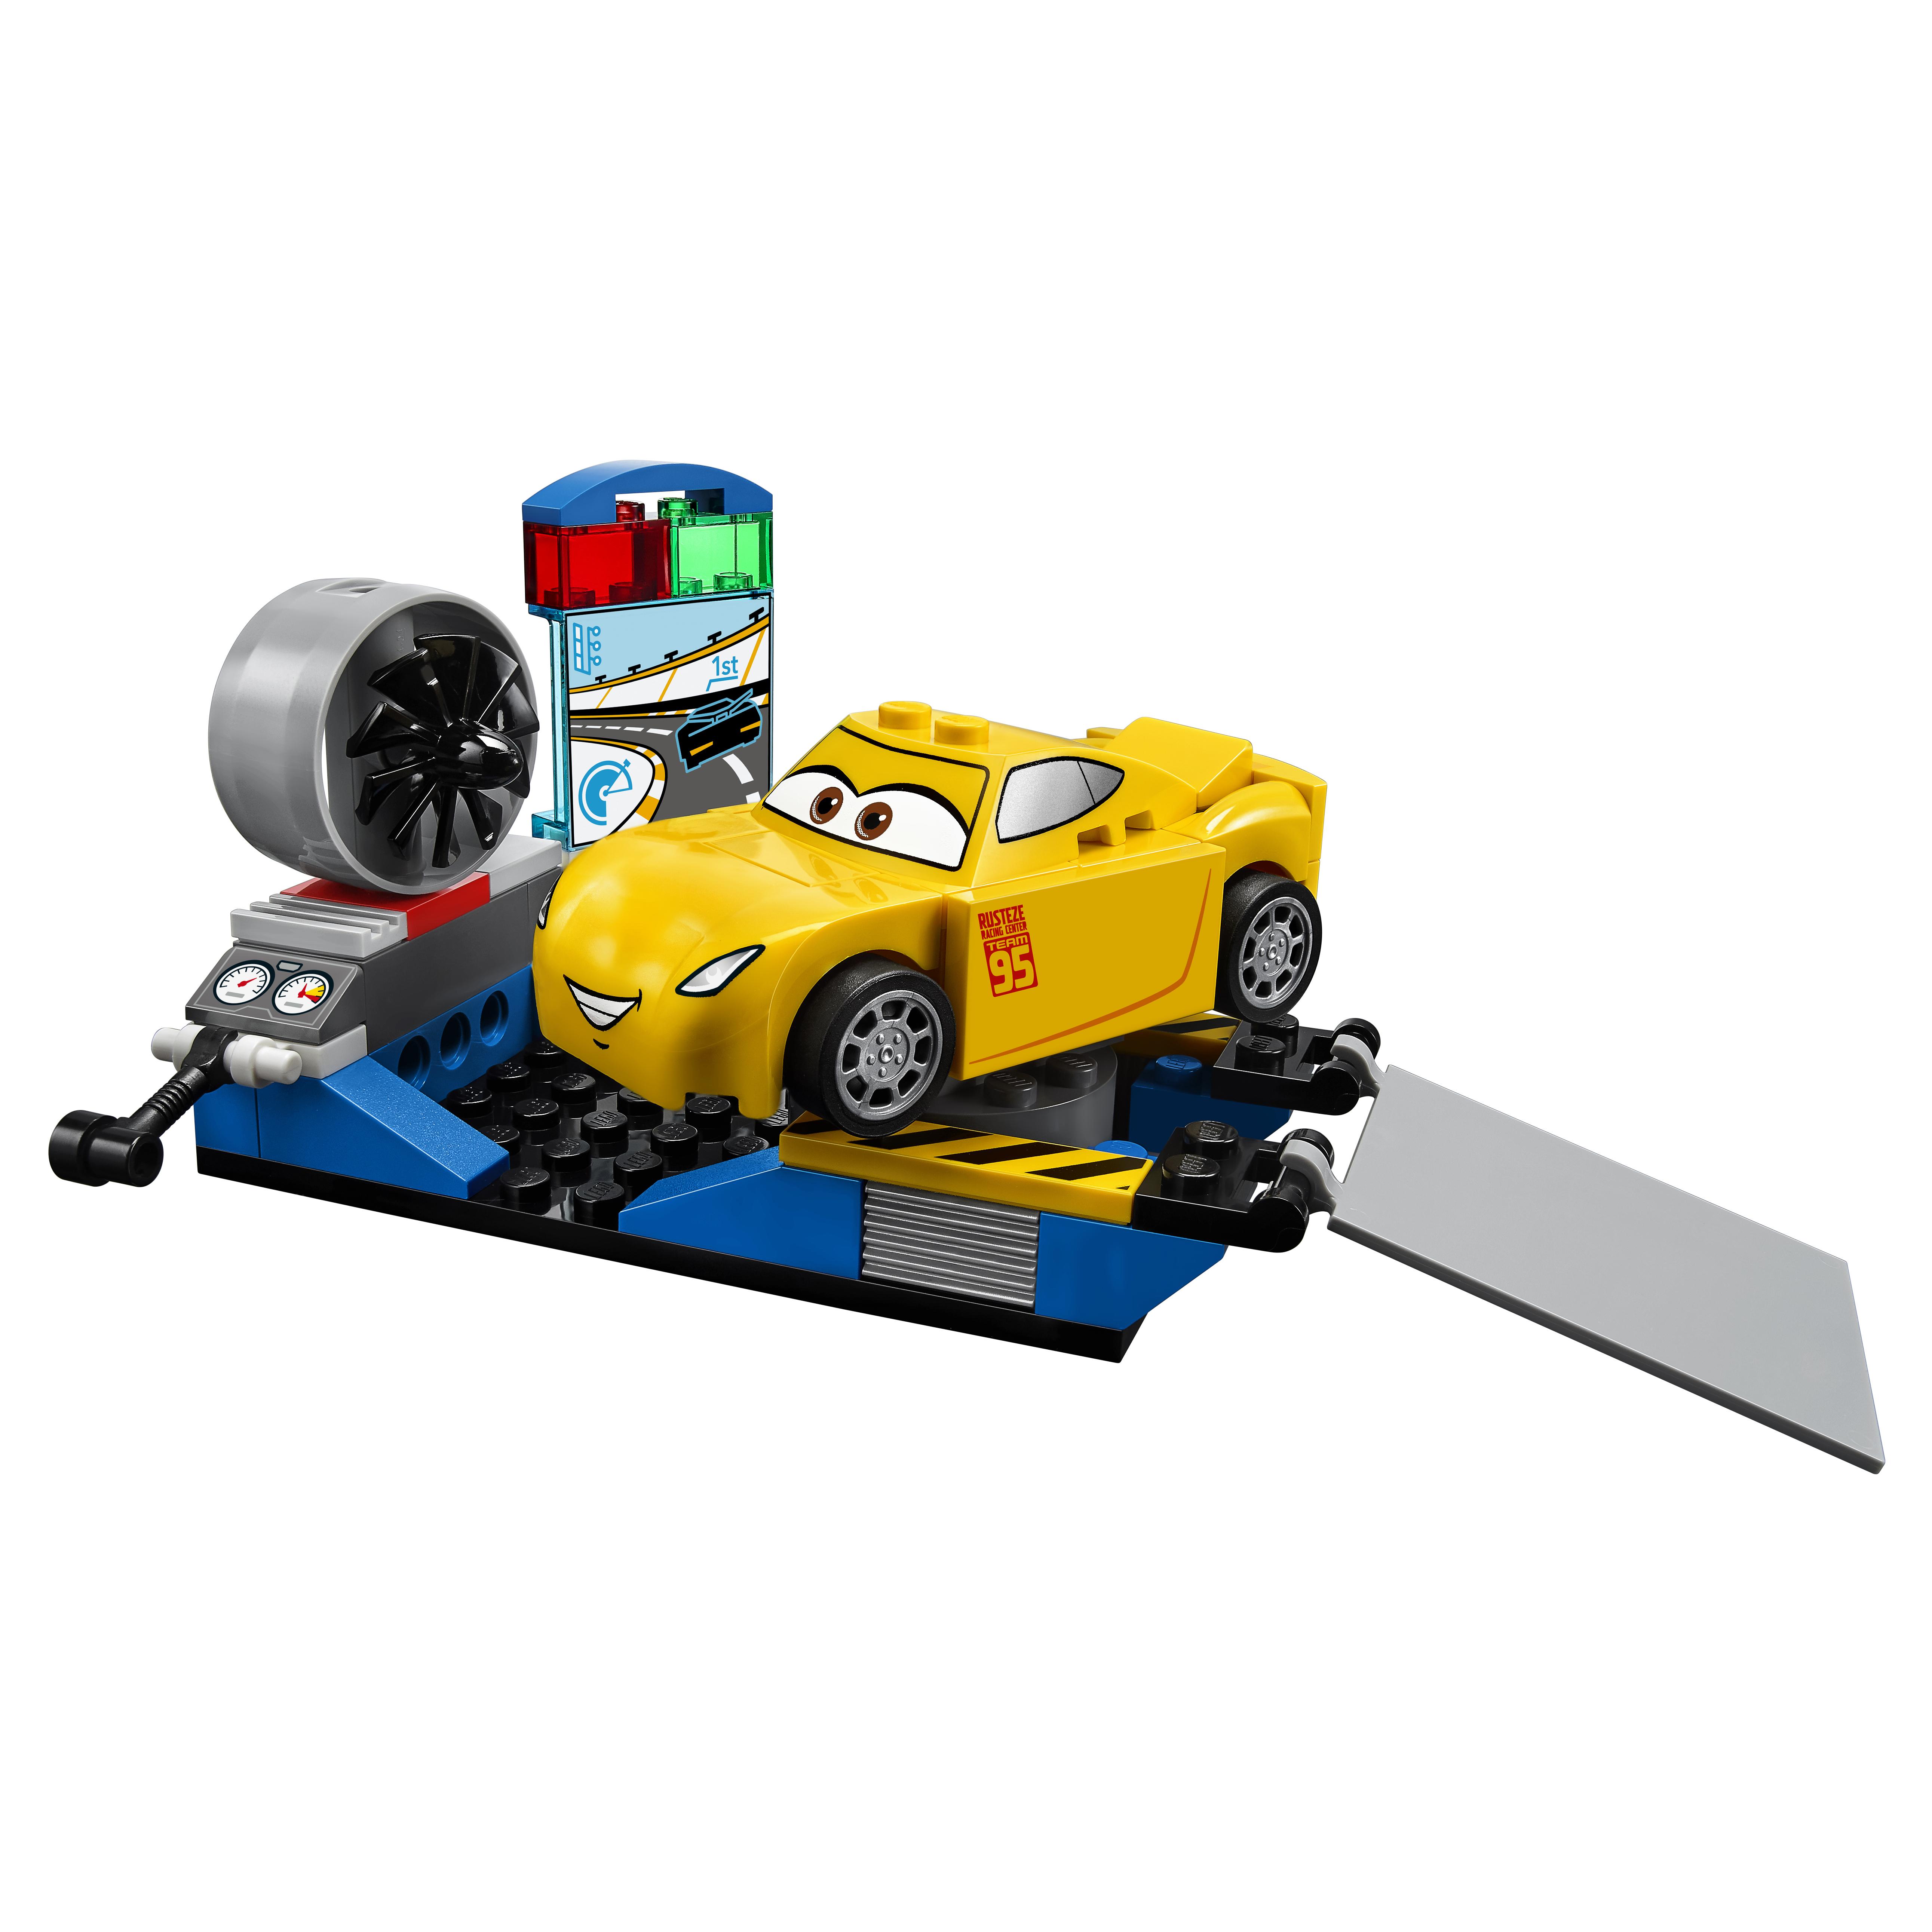 Конструктор LEGO Juniors Гоночный тренажёр Крус Рамирес (10731) фото